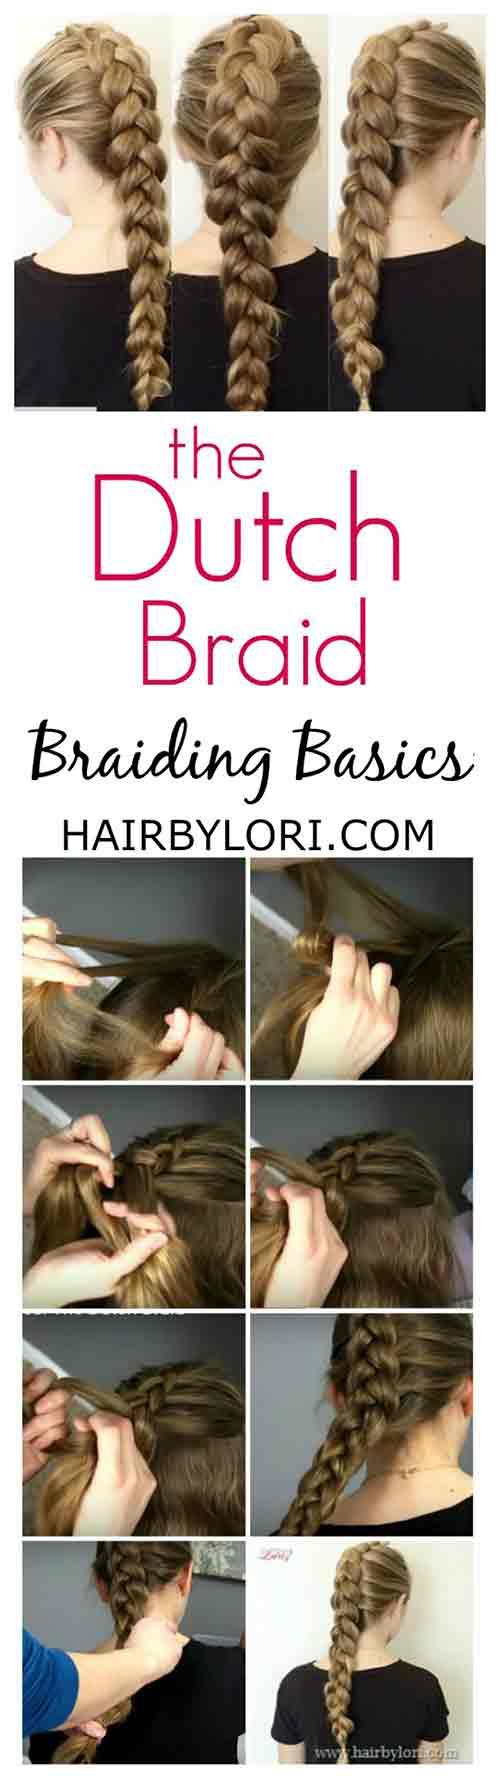 4. Dutch Braid